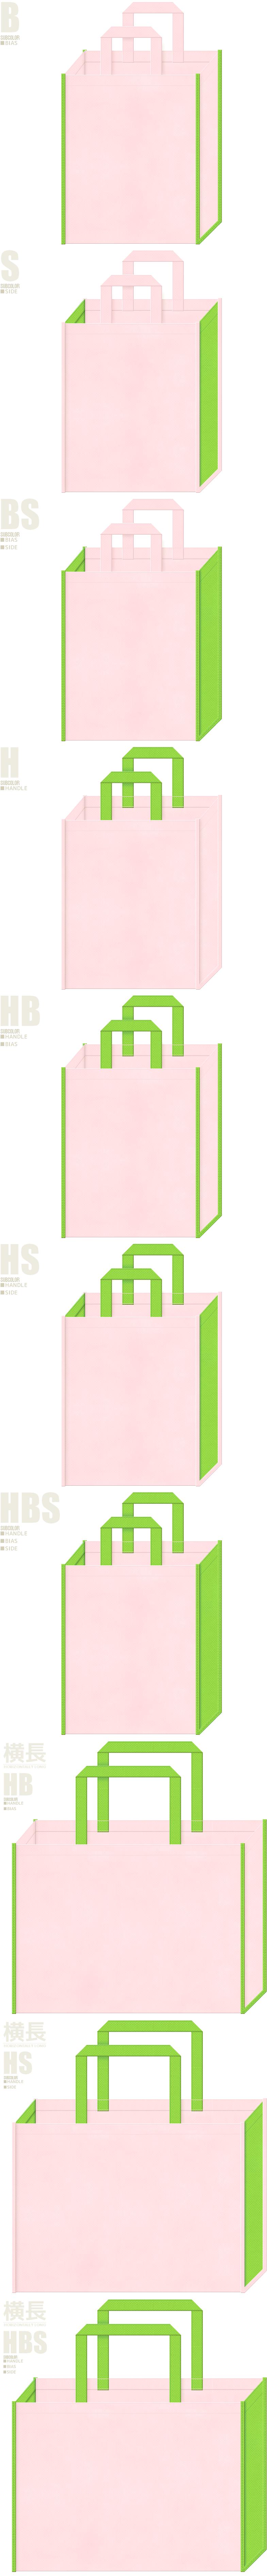 絵本・インコ・お花見・葉桜・アサガオ・あじさい・医療施設・介護施設・春のイベント・フラワーショップにお奨めの不織布バッグデザイン:桜色と黄緑色の配色7パターン。